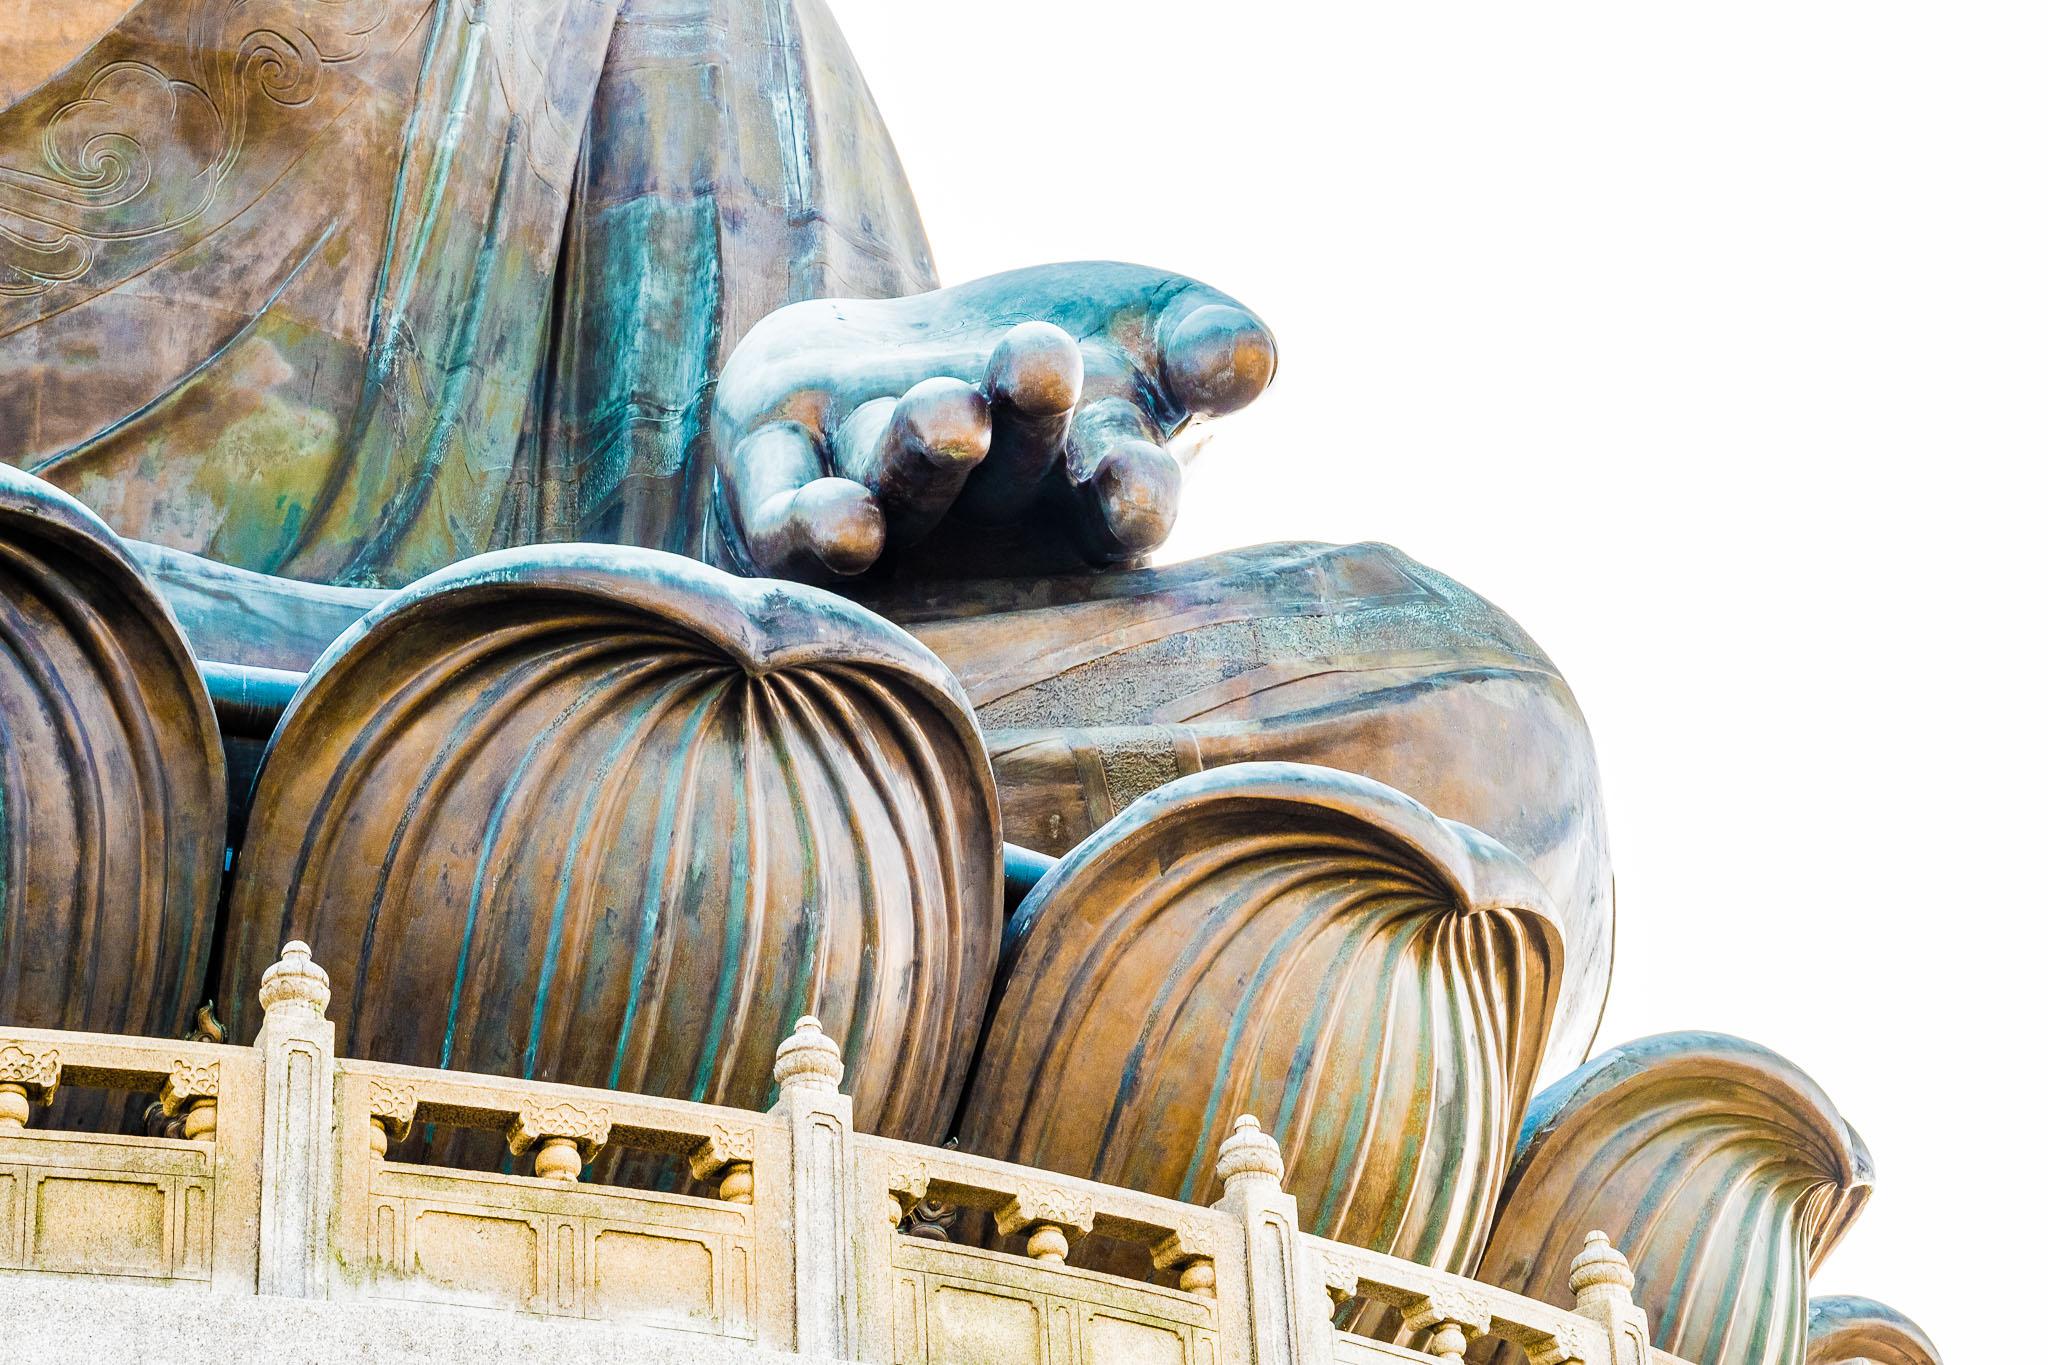 Lantau Big Buddha